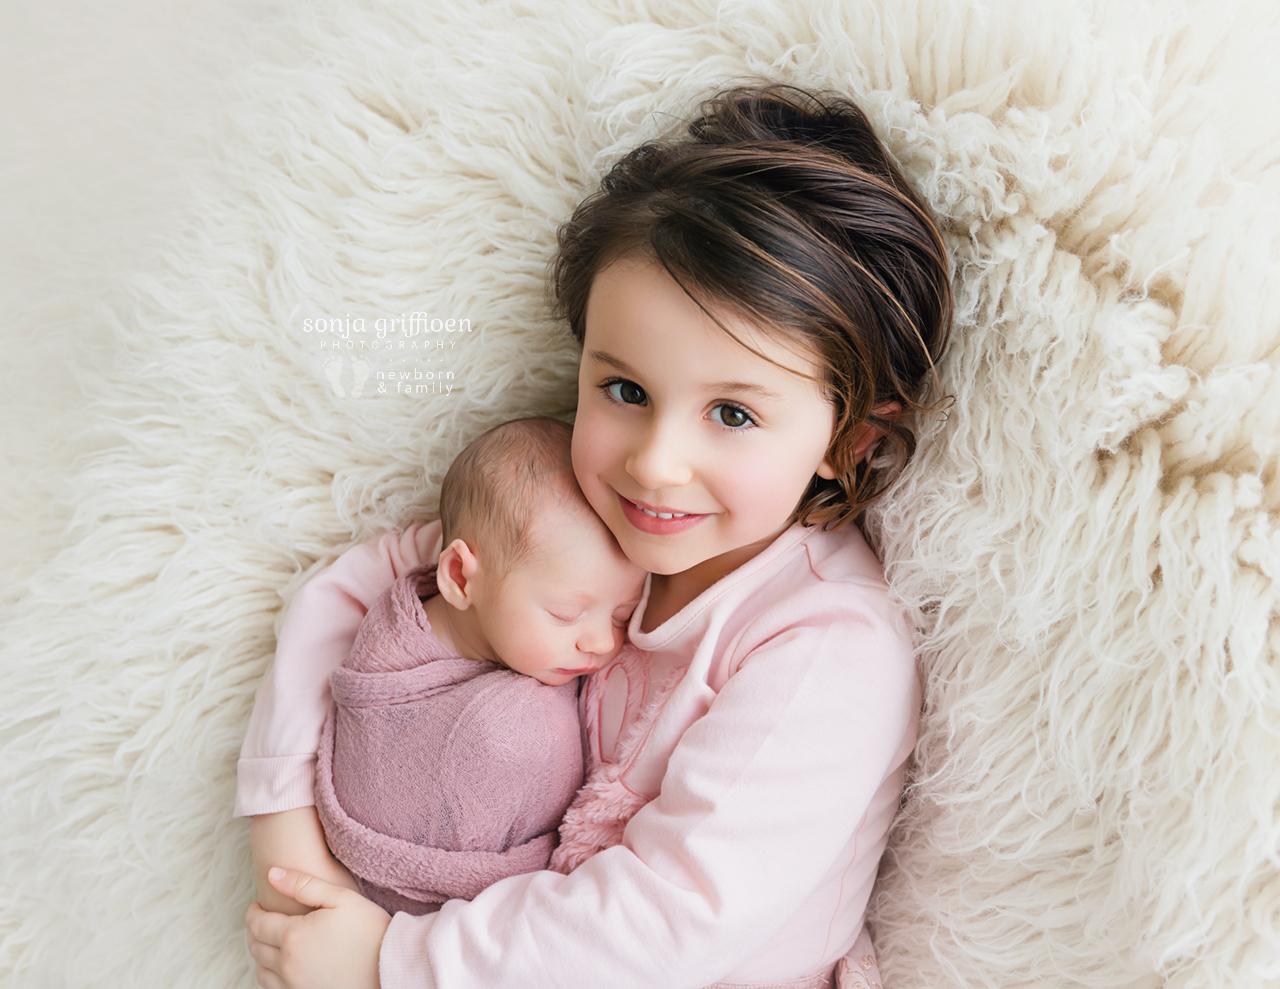 Katie-Newborn-Brisbane-Newborn-Photographer-Sonja-Griffioen-03.jpg